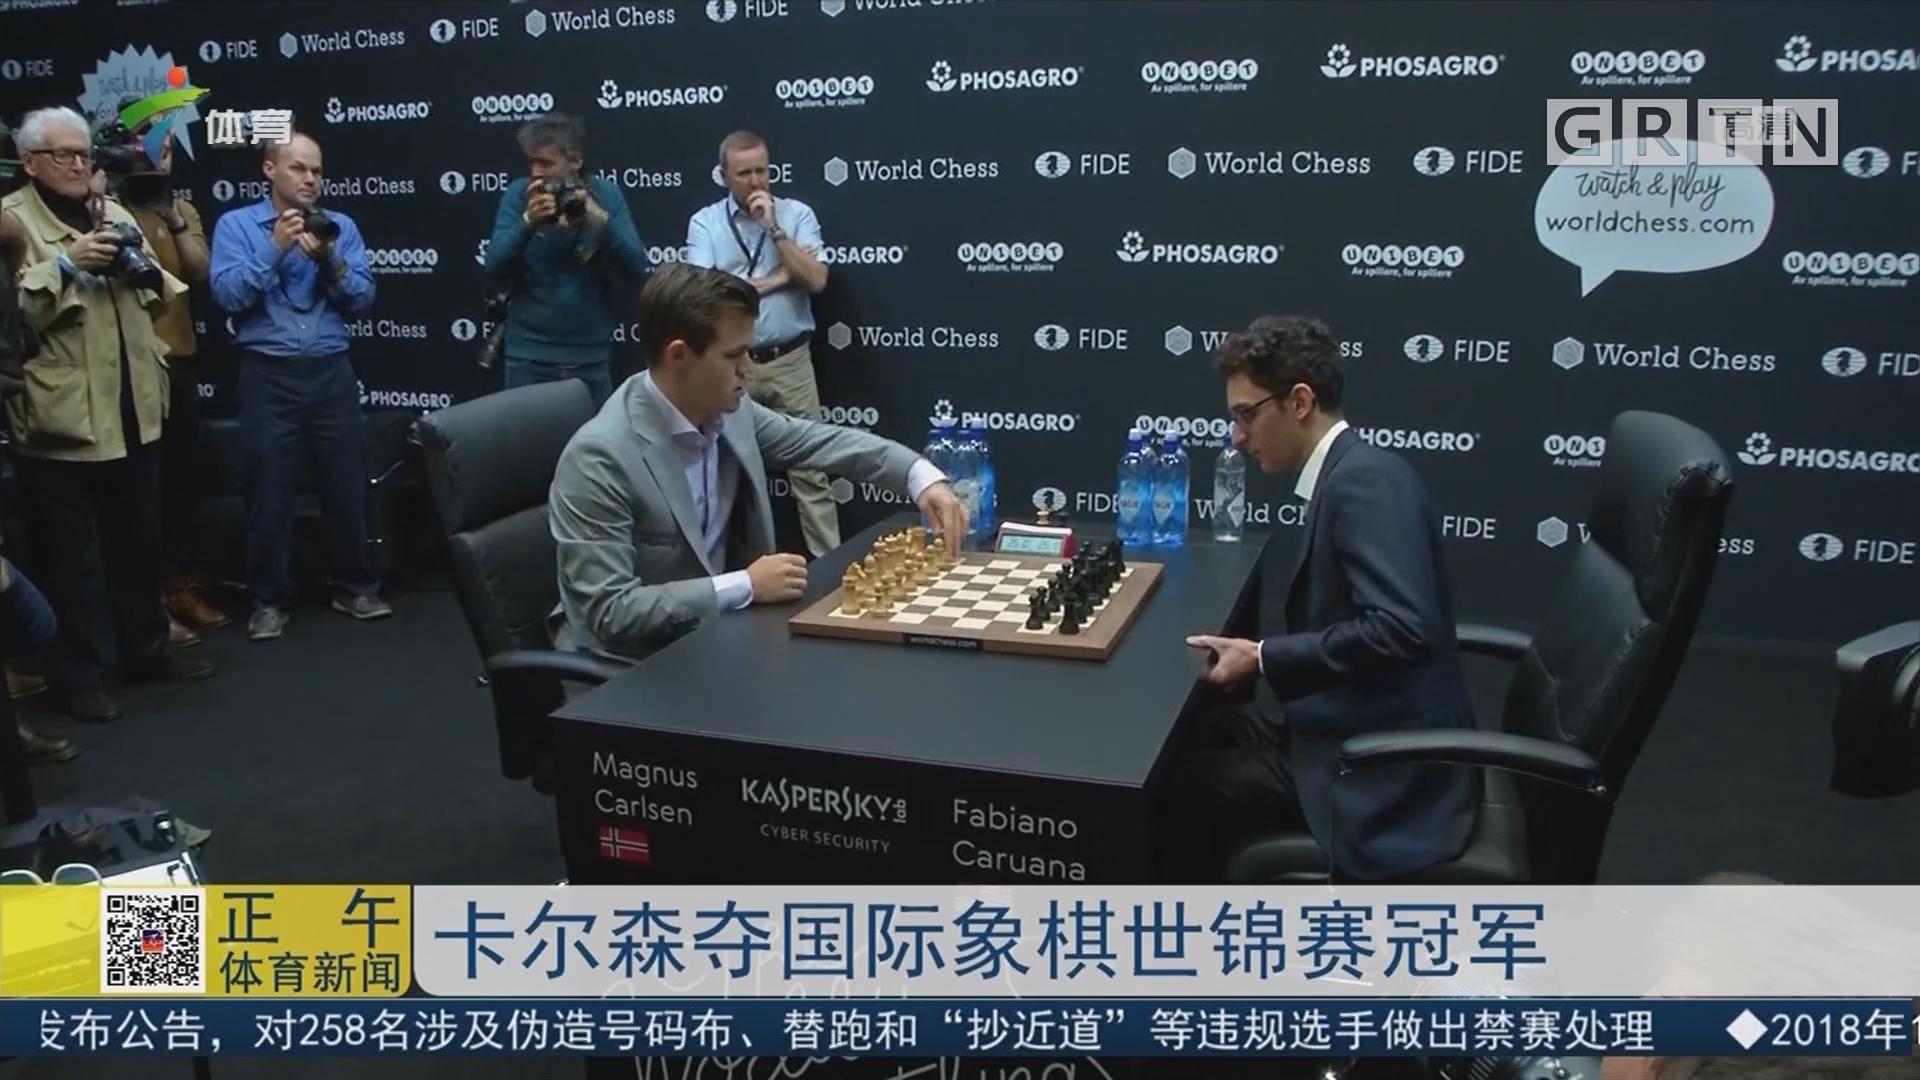 卡尔森夺国际象棋世锦赛冠军